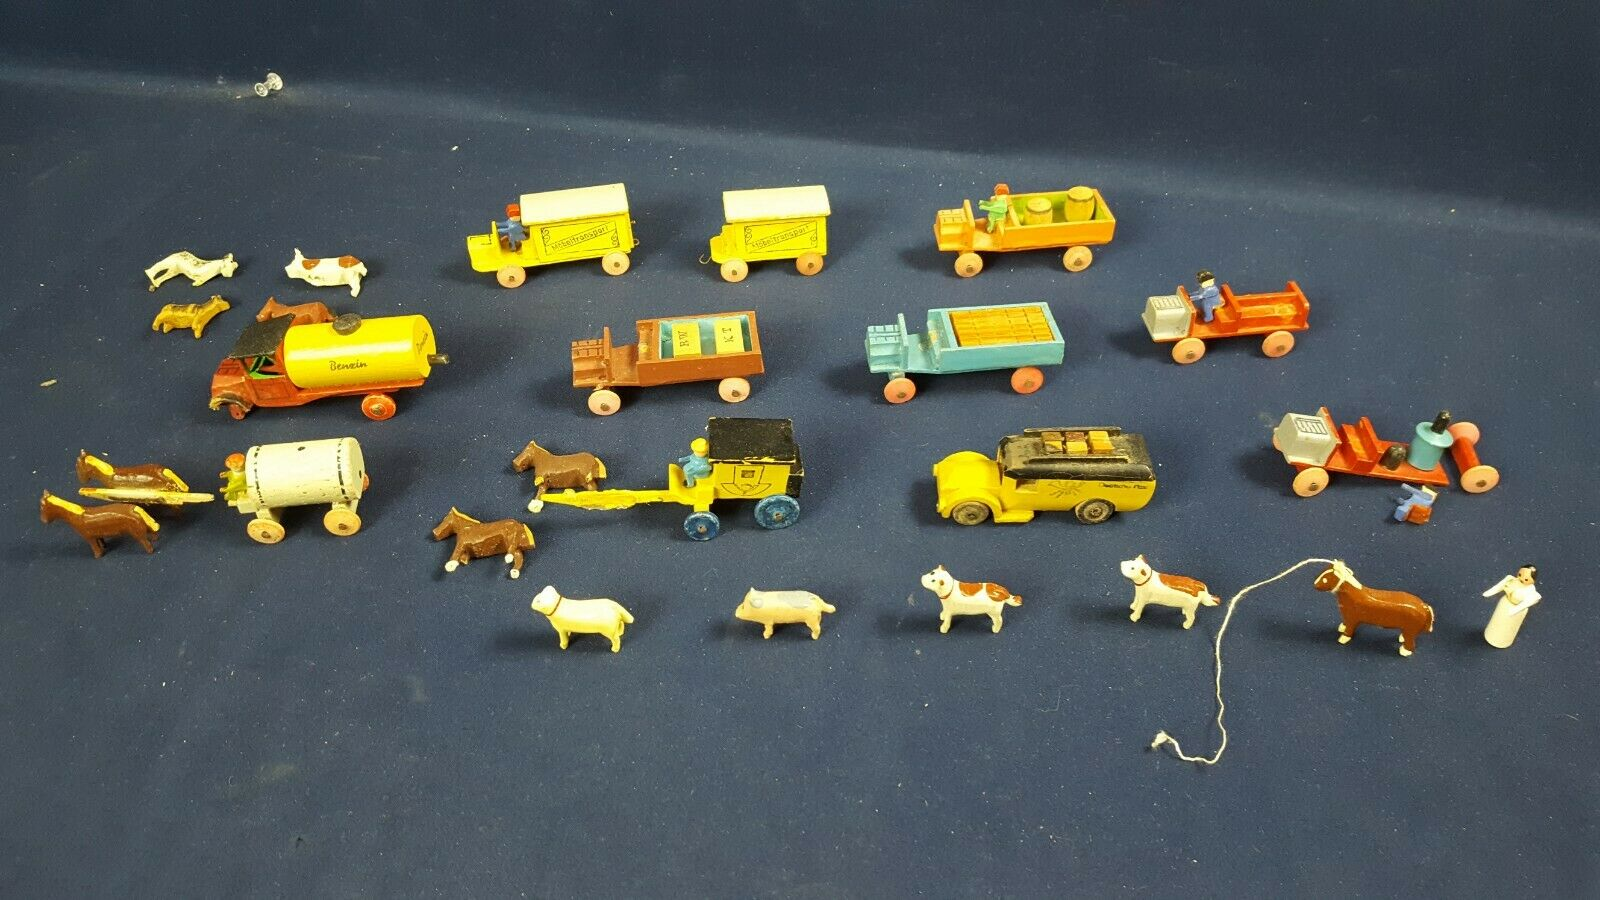 Lote de 11 escalones Tallada a Mano Madera Alemán Camión de Juguete Vagón Caballo Animales Personas